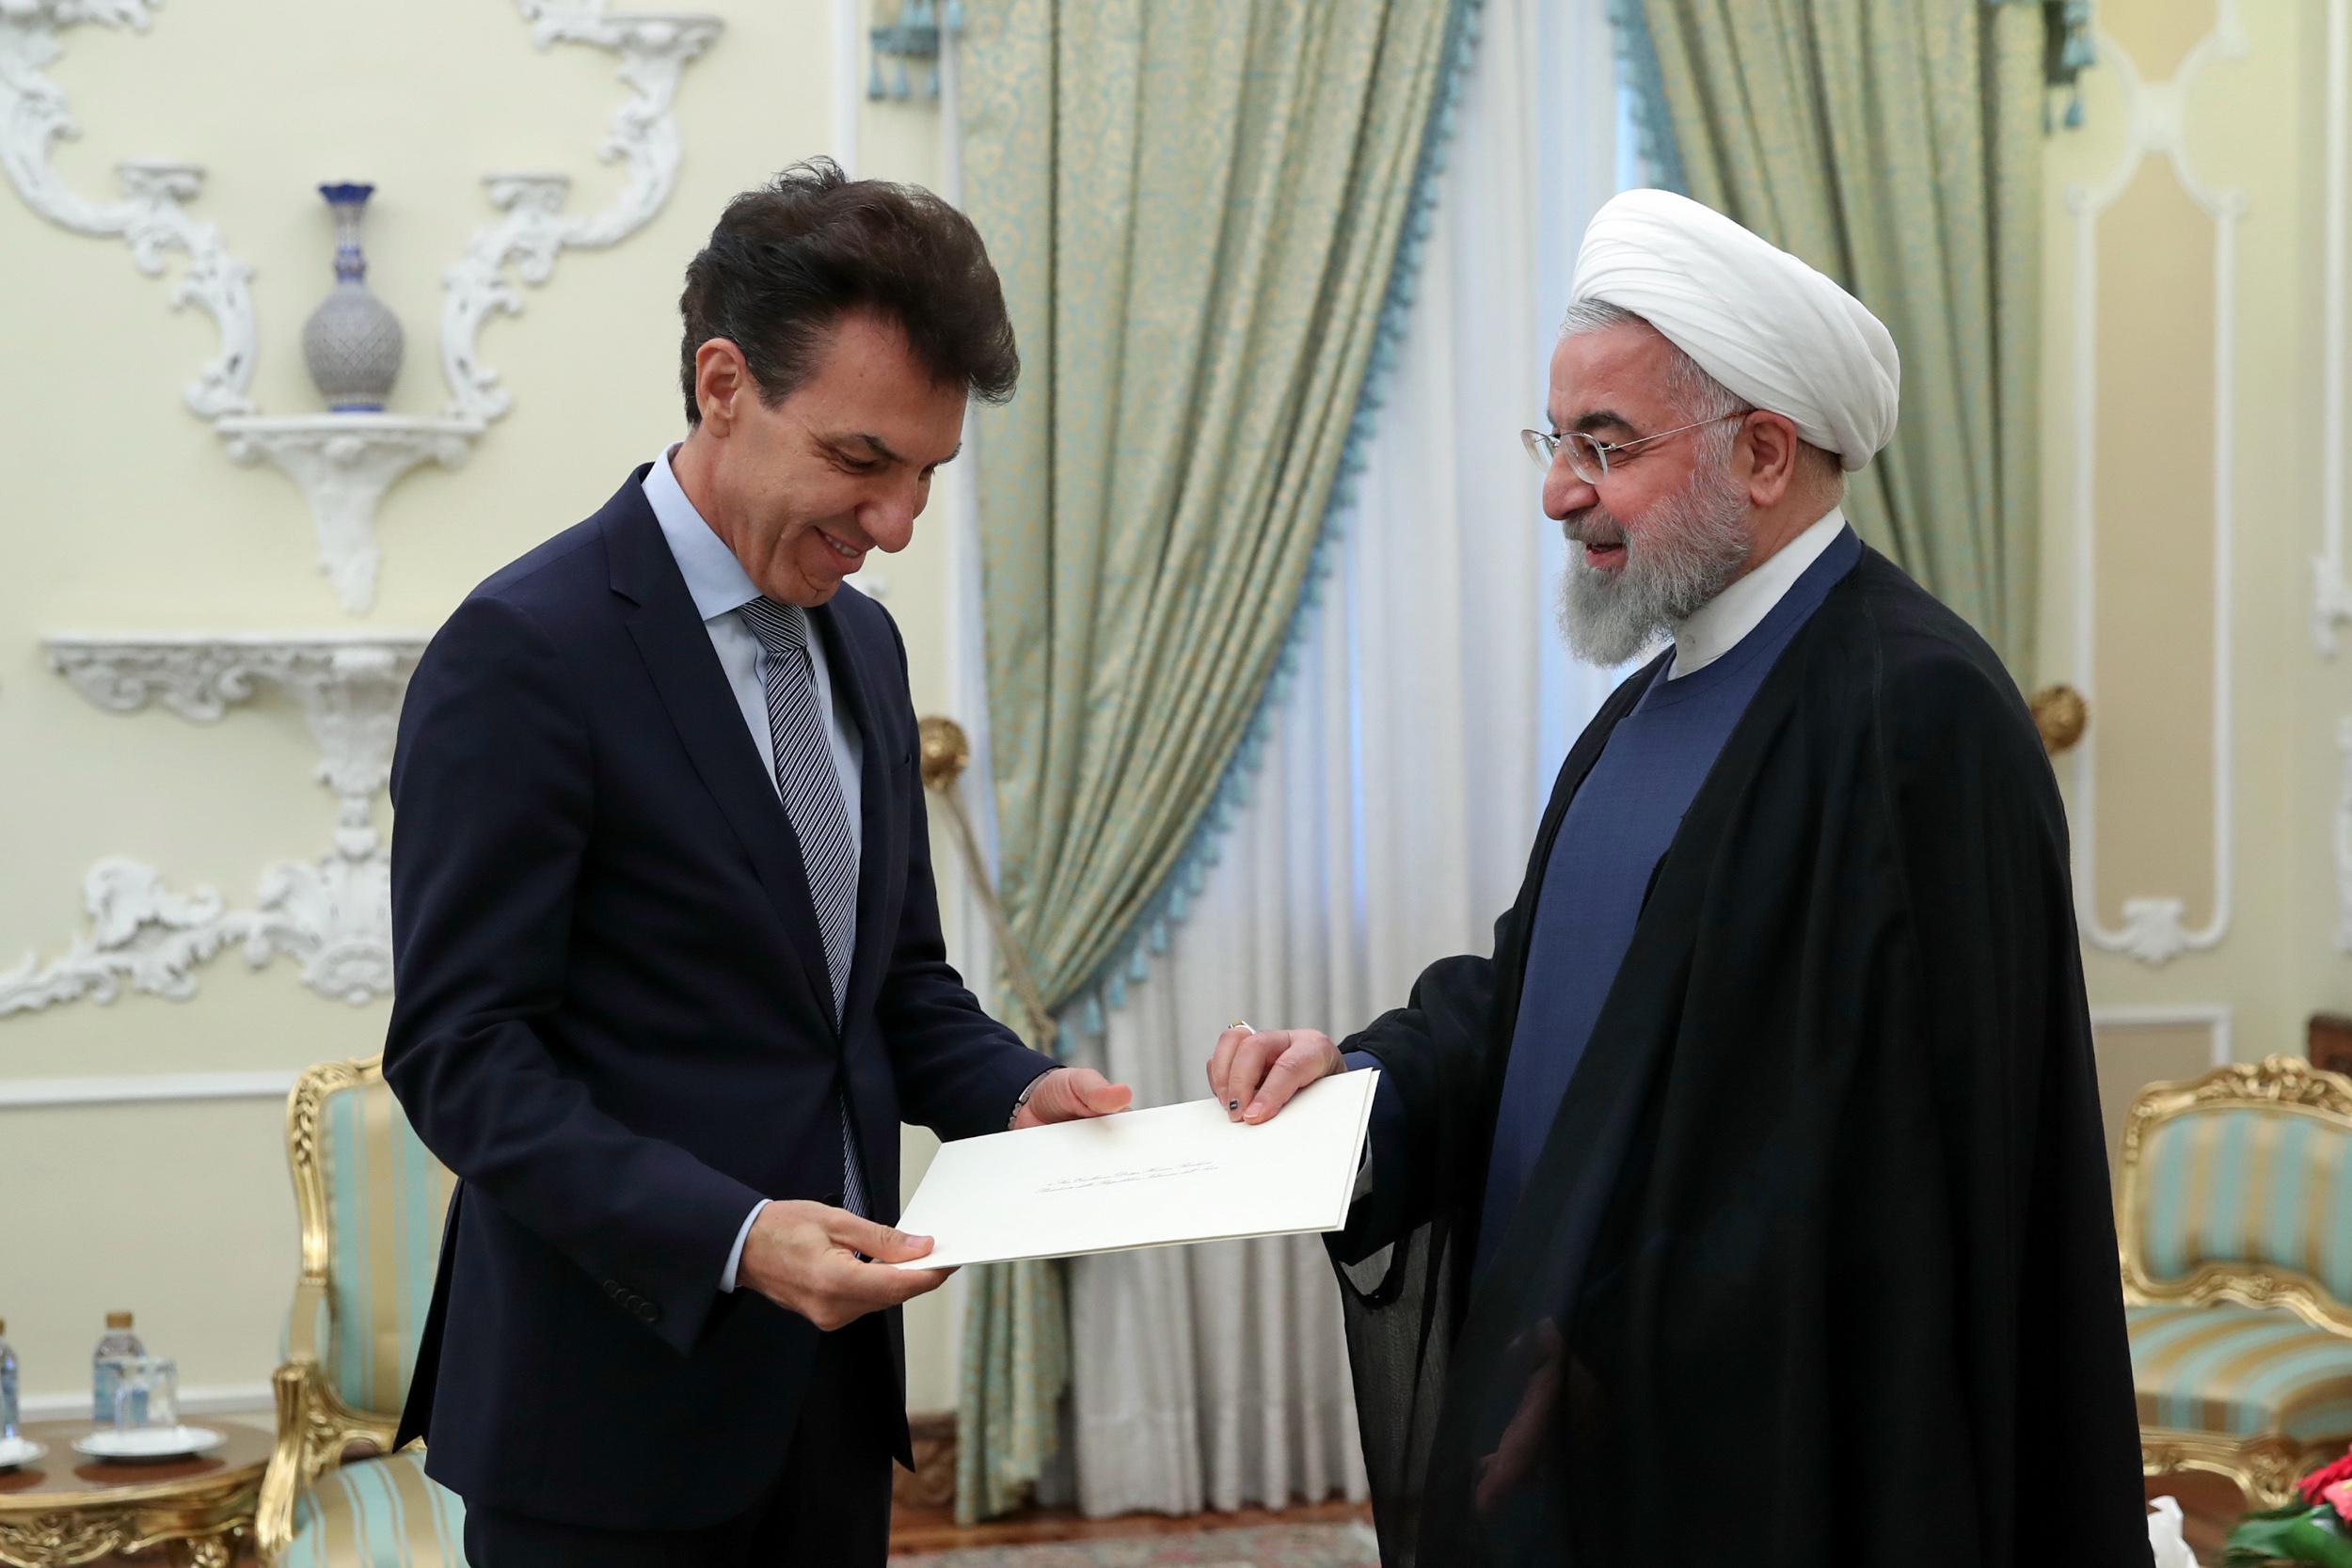 اراده ایران تقویت روابط بسیار نزدیک و صمیمانه با ایتالیا است